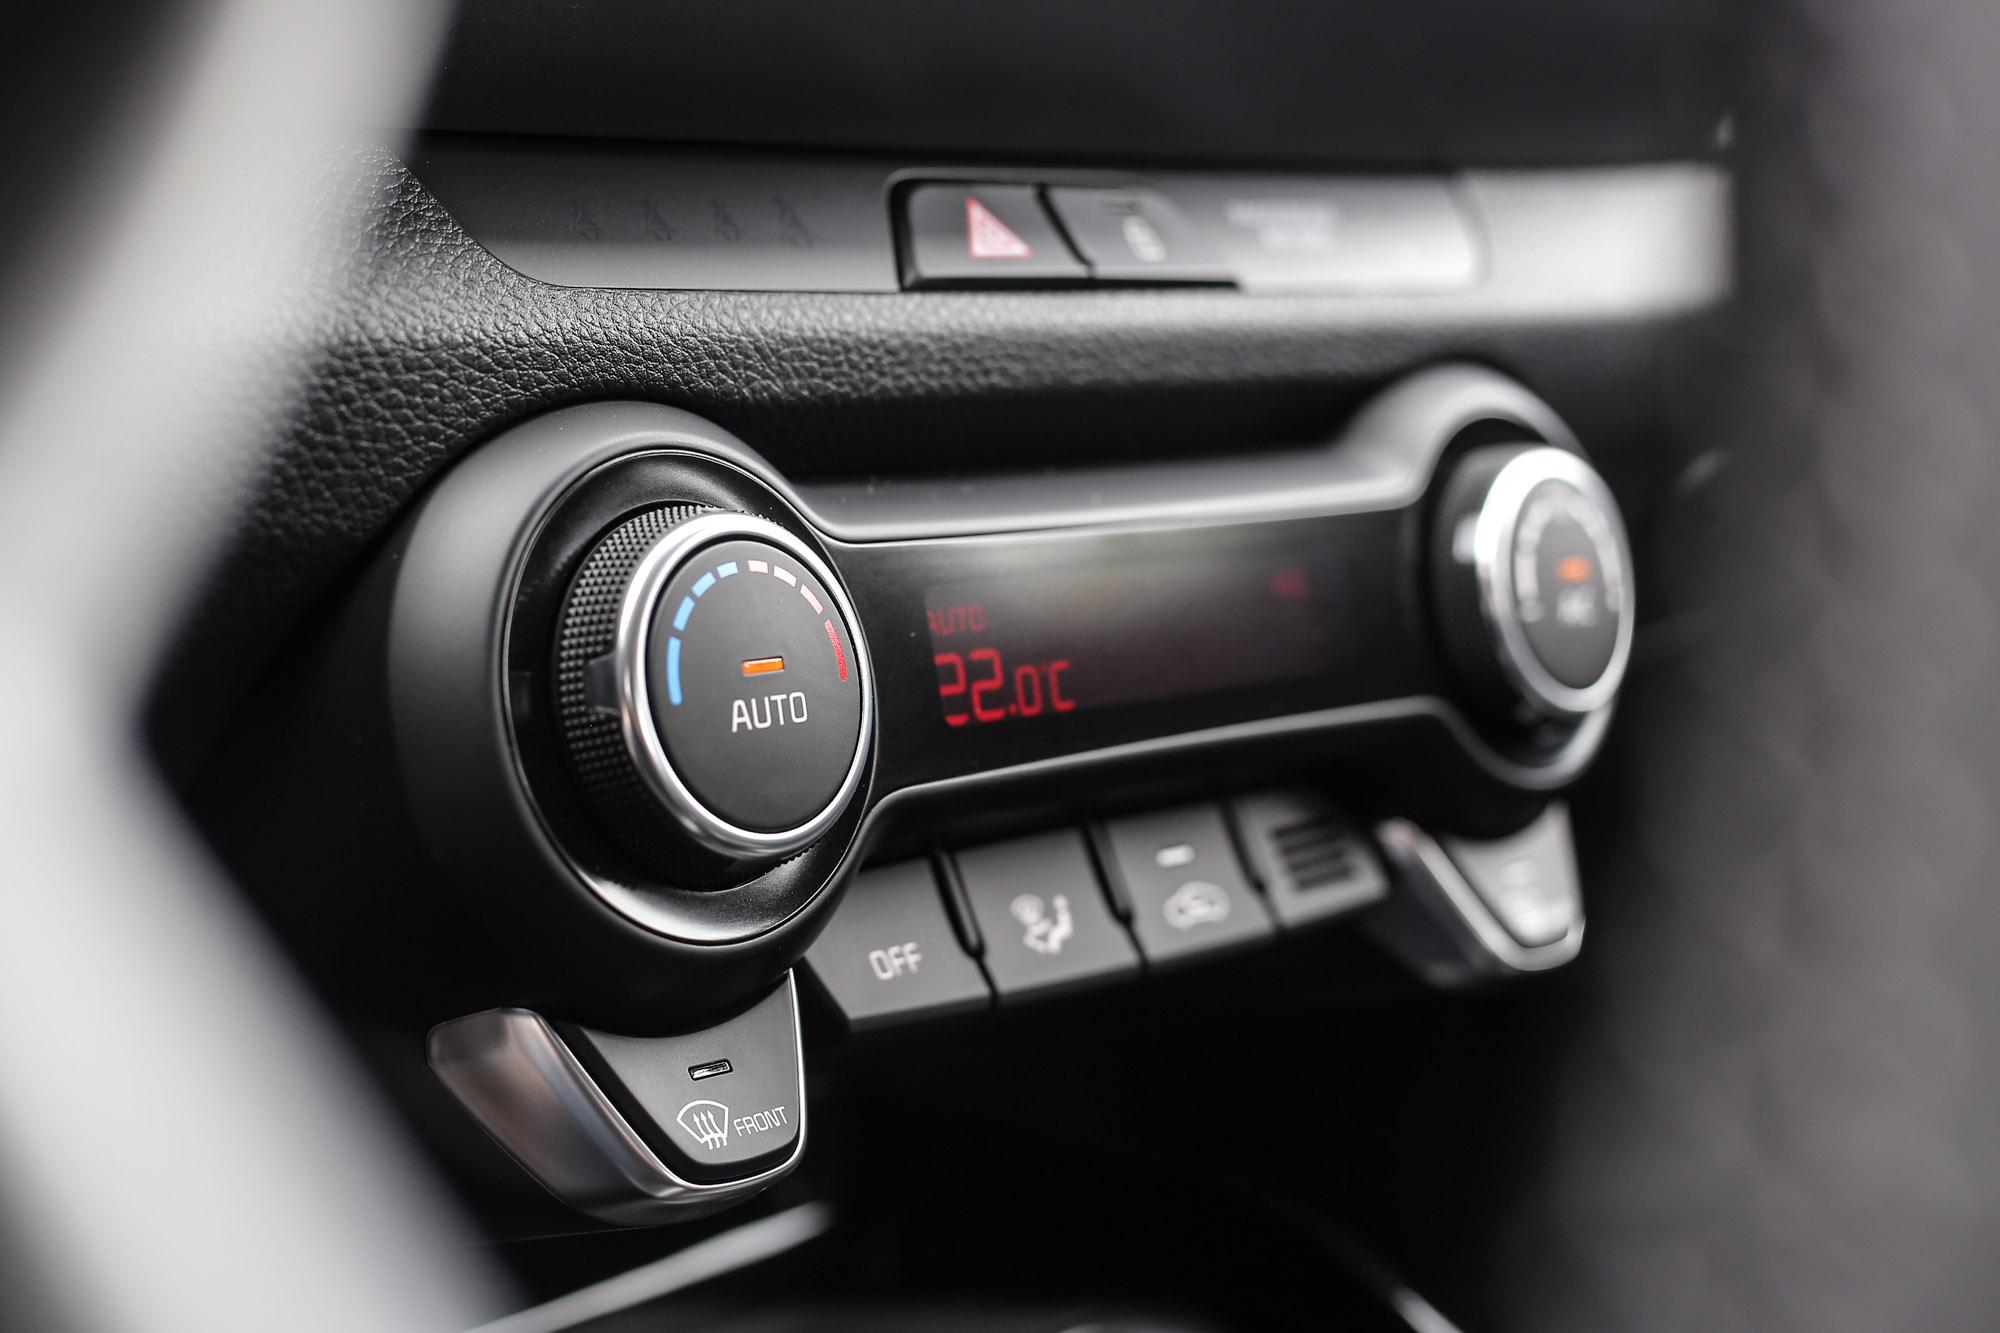 操控直覺、觸感優異的空調區塊是我整個座艙最喜歡的部分。